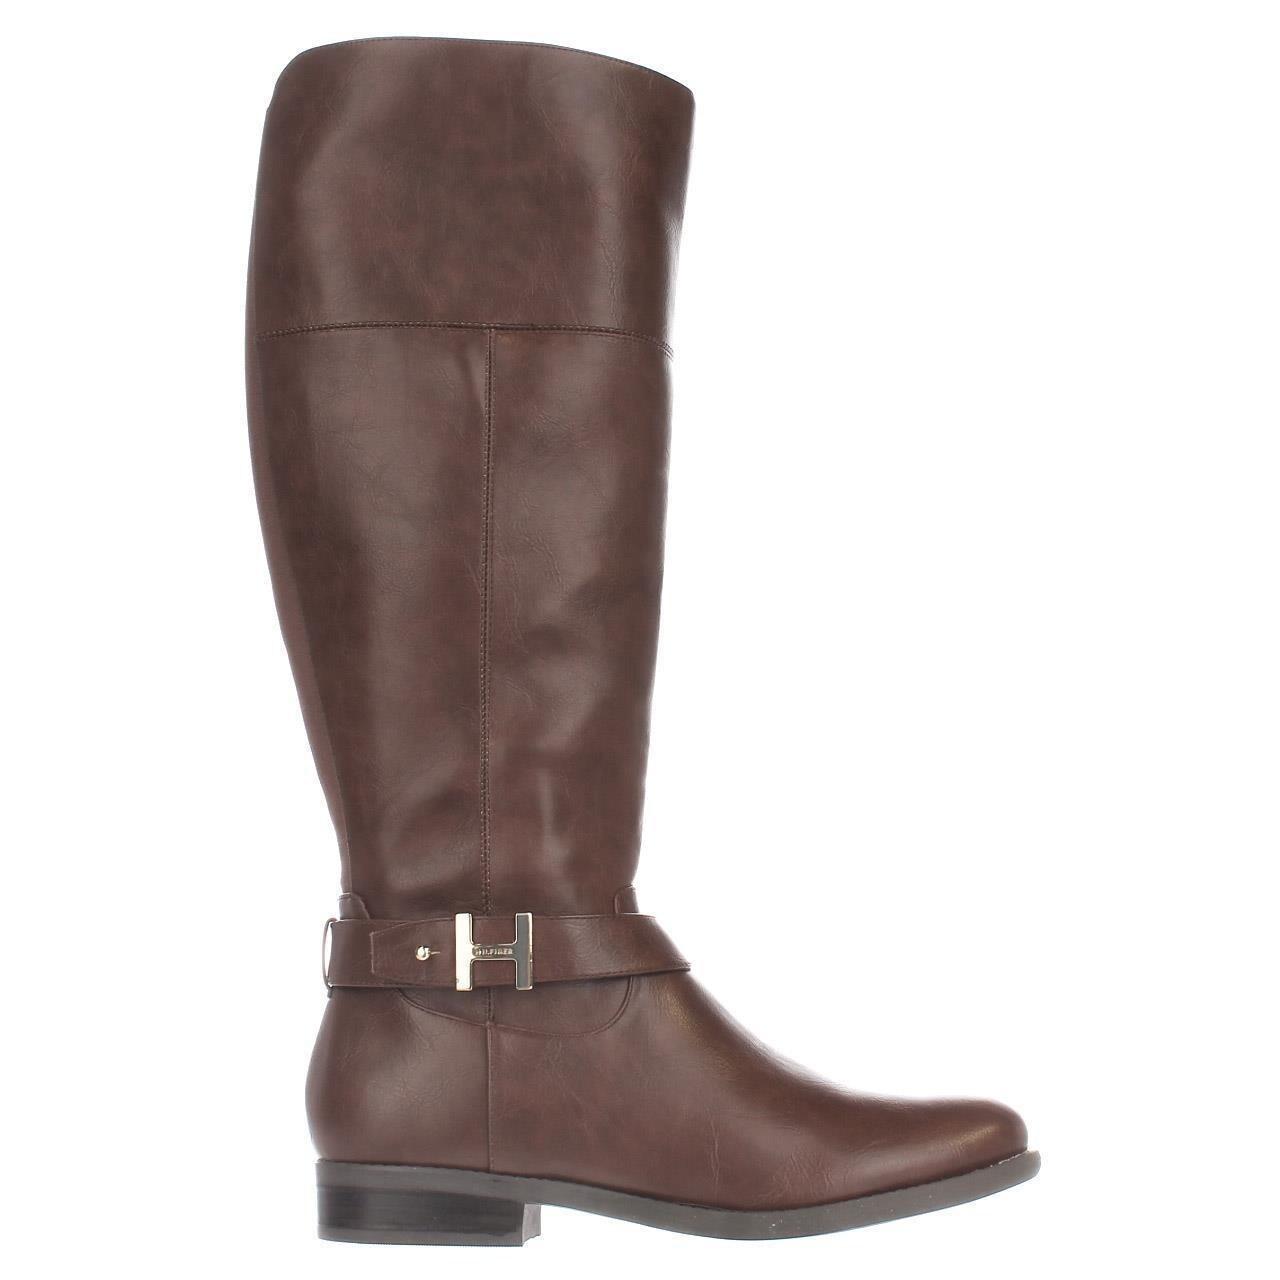 9a8b3a32b Shop Tommy Hilfiger Shahar Wide Calf Knee High Boots